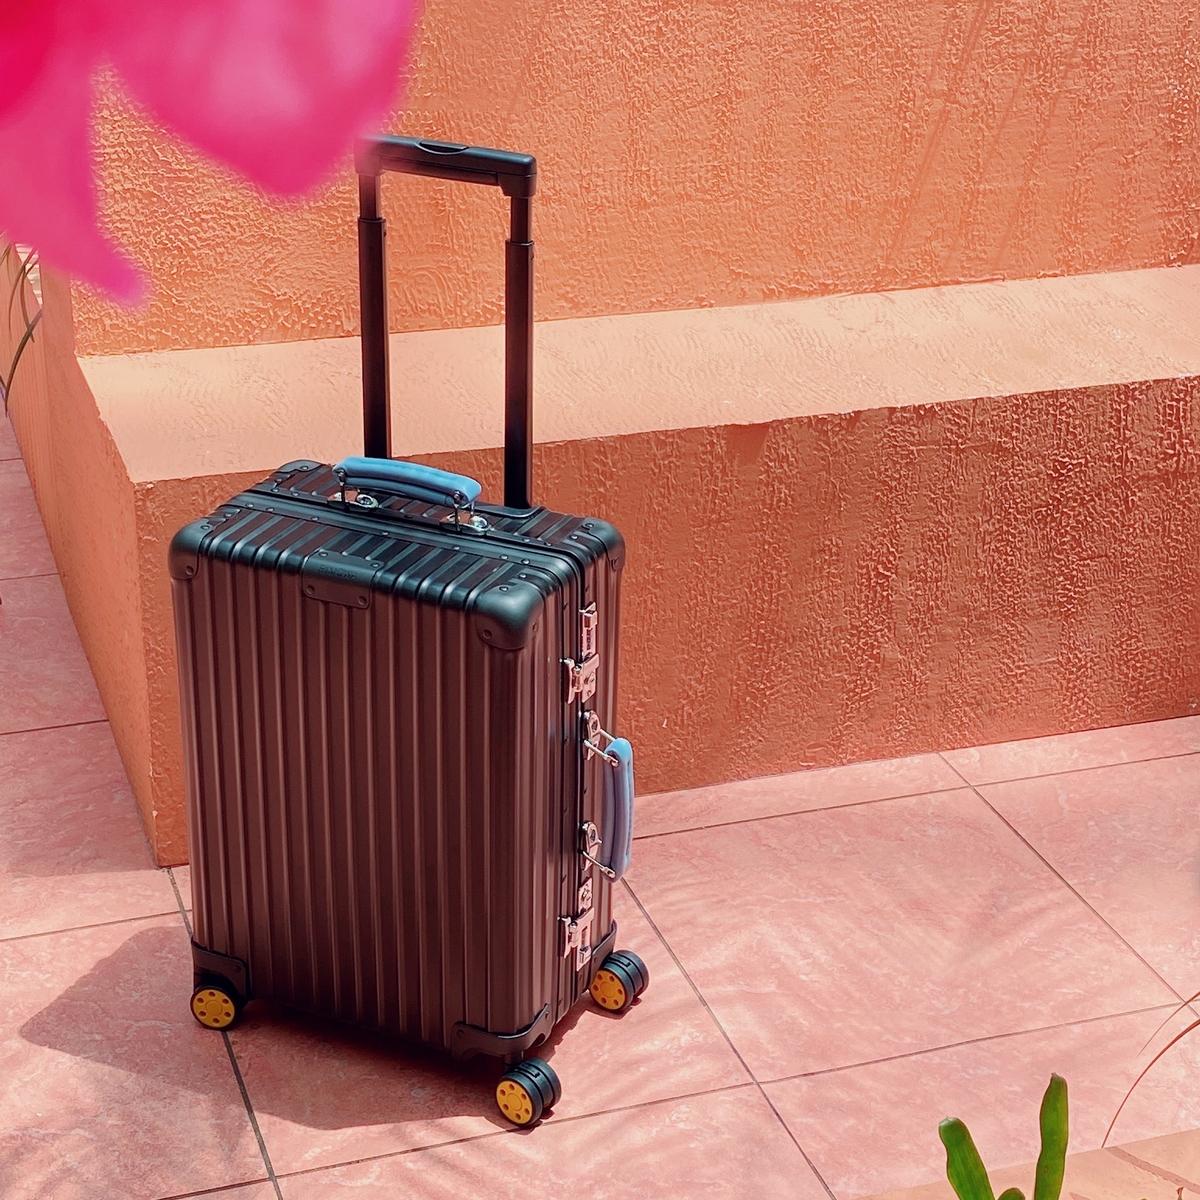 只有帥能形容!RIMOWA Classic經典行李箱啞黑新色質感滿分